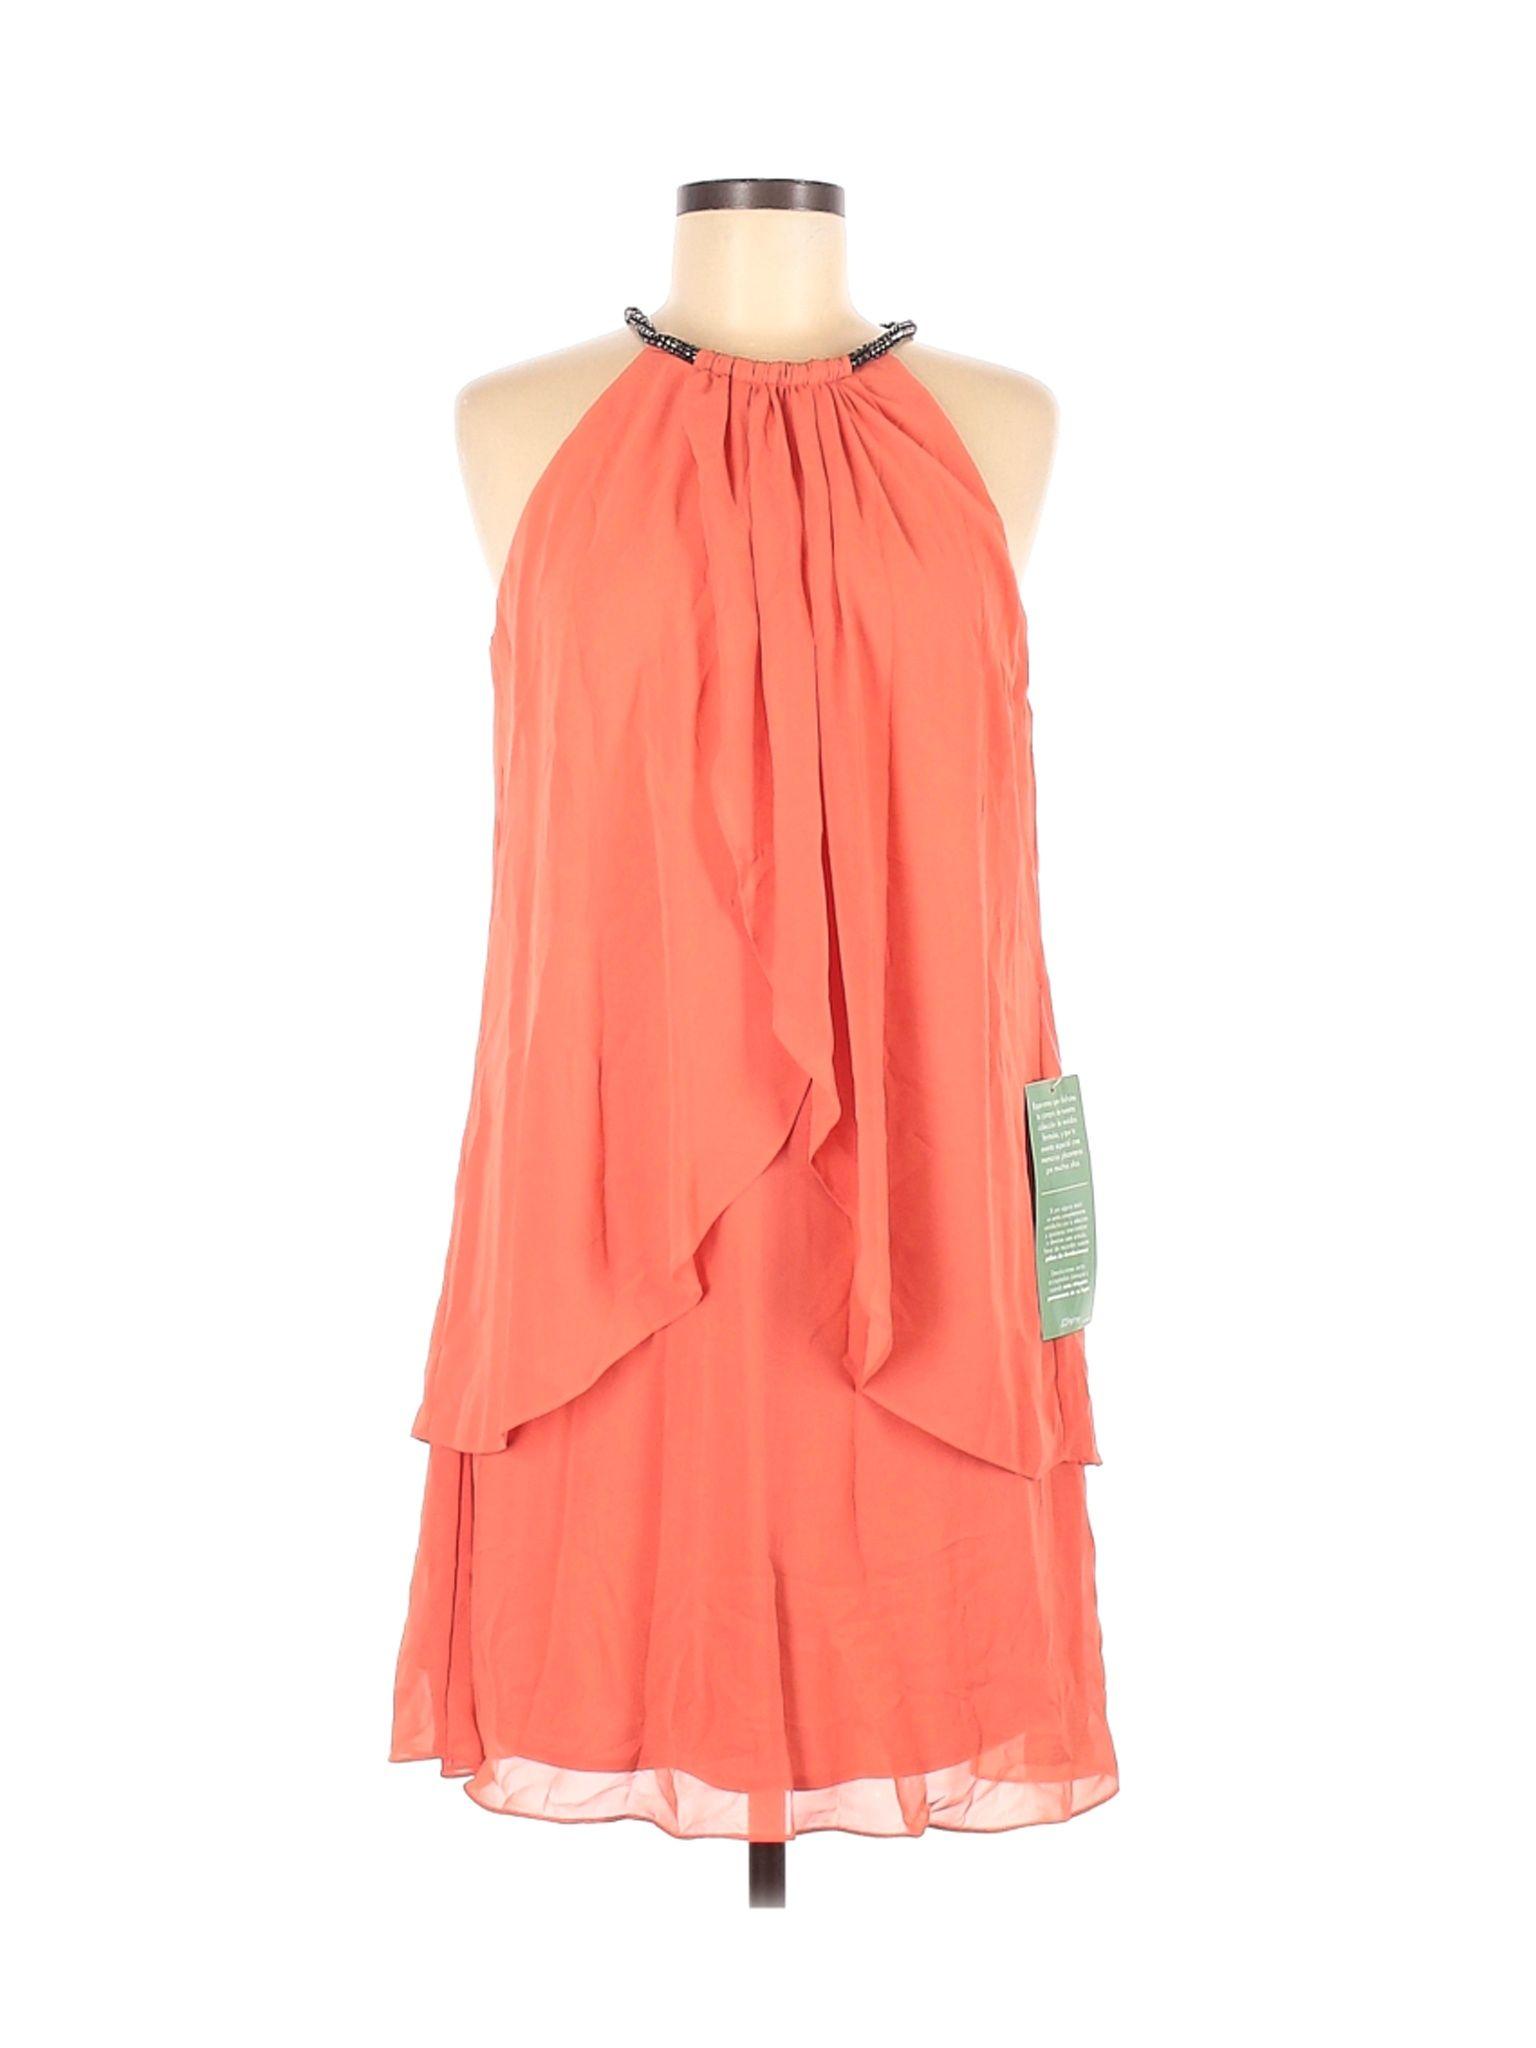 Slny Pre Owned Slny Women S Size 6 Cocktail Dress Walmart Com In 2021 Womens Cocktail Dresses Cocktail Dress Solid Dress [ 2048 x 1536 Pixel ]